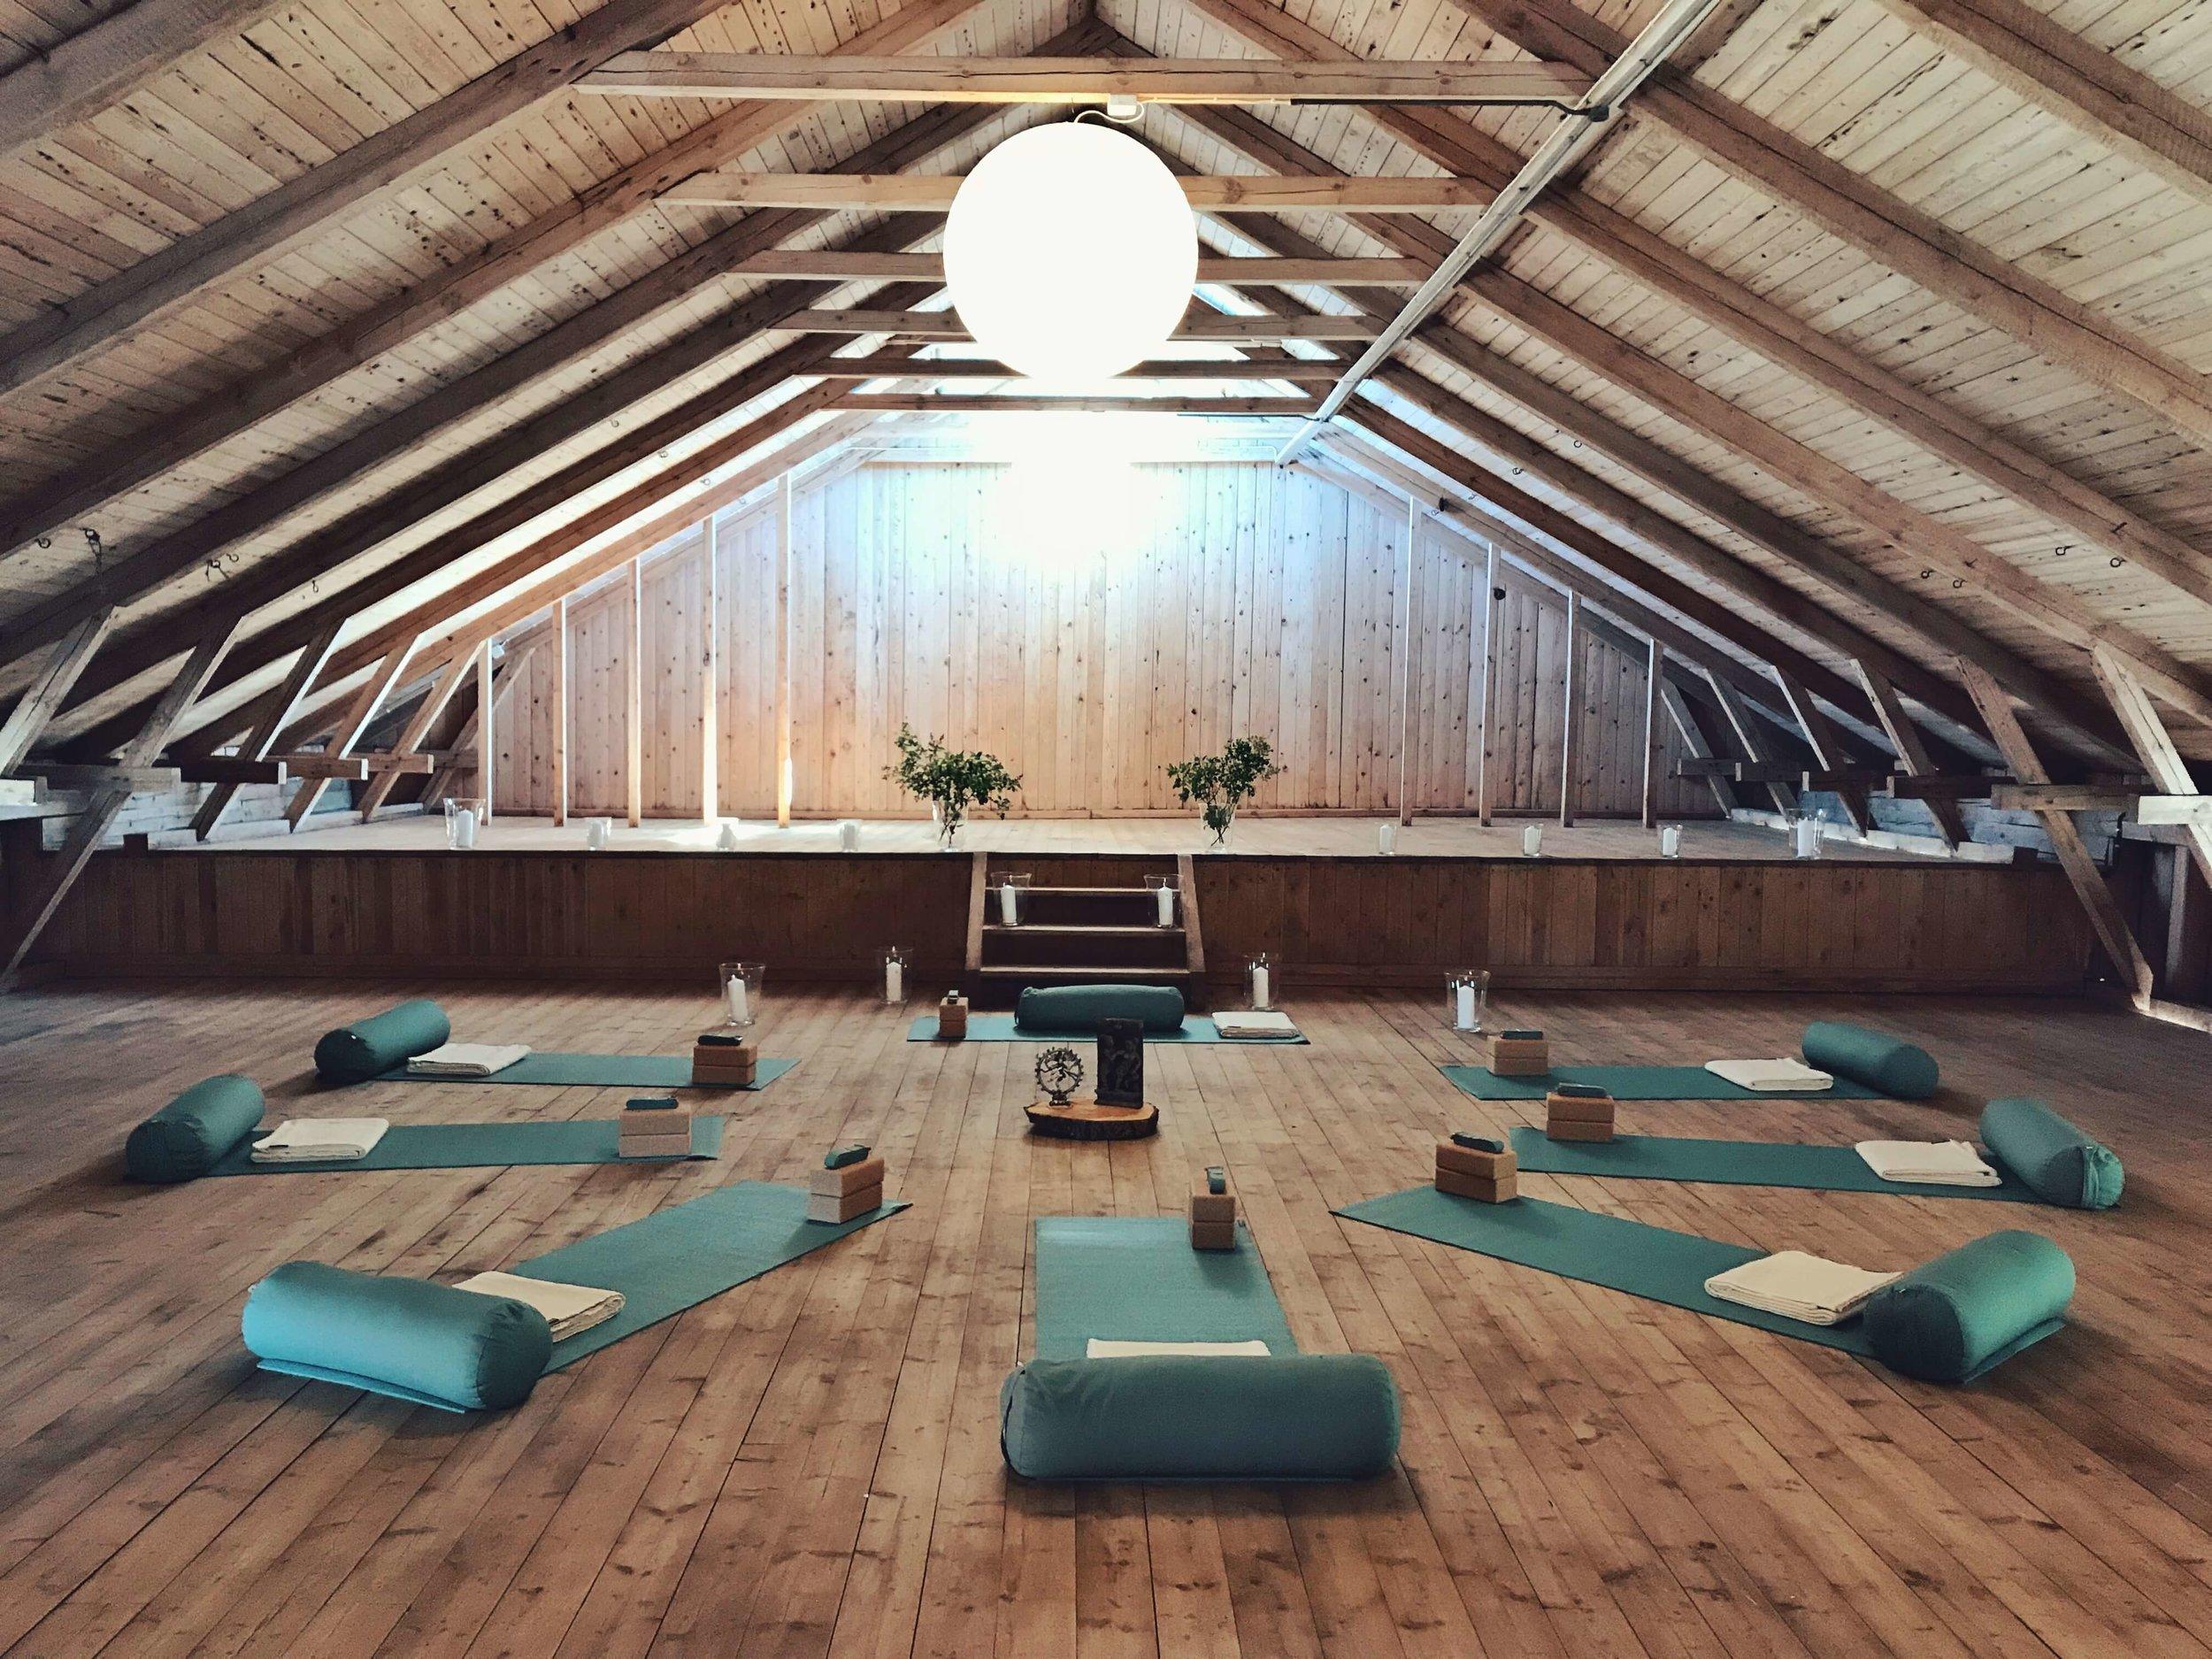 The yoga barn at the old farm house